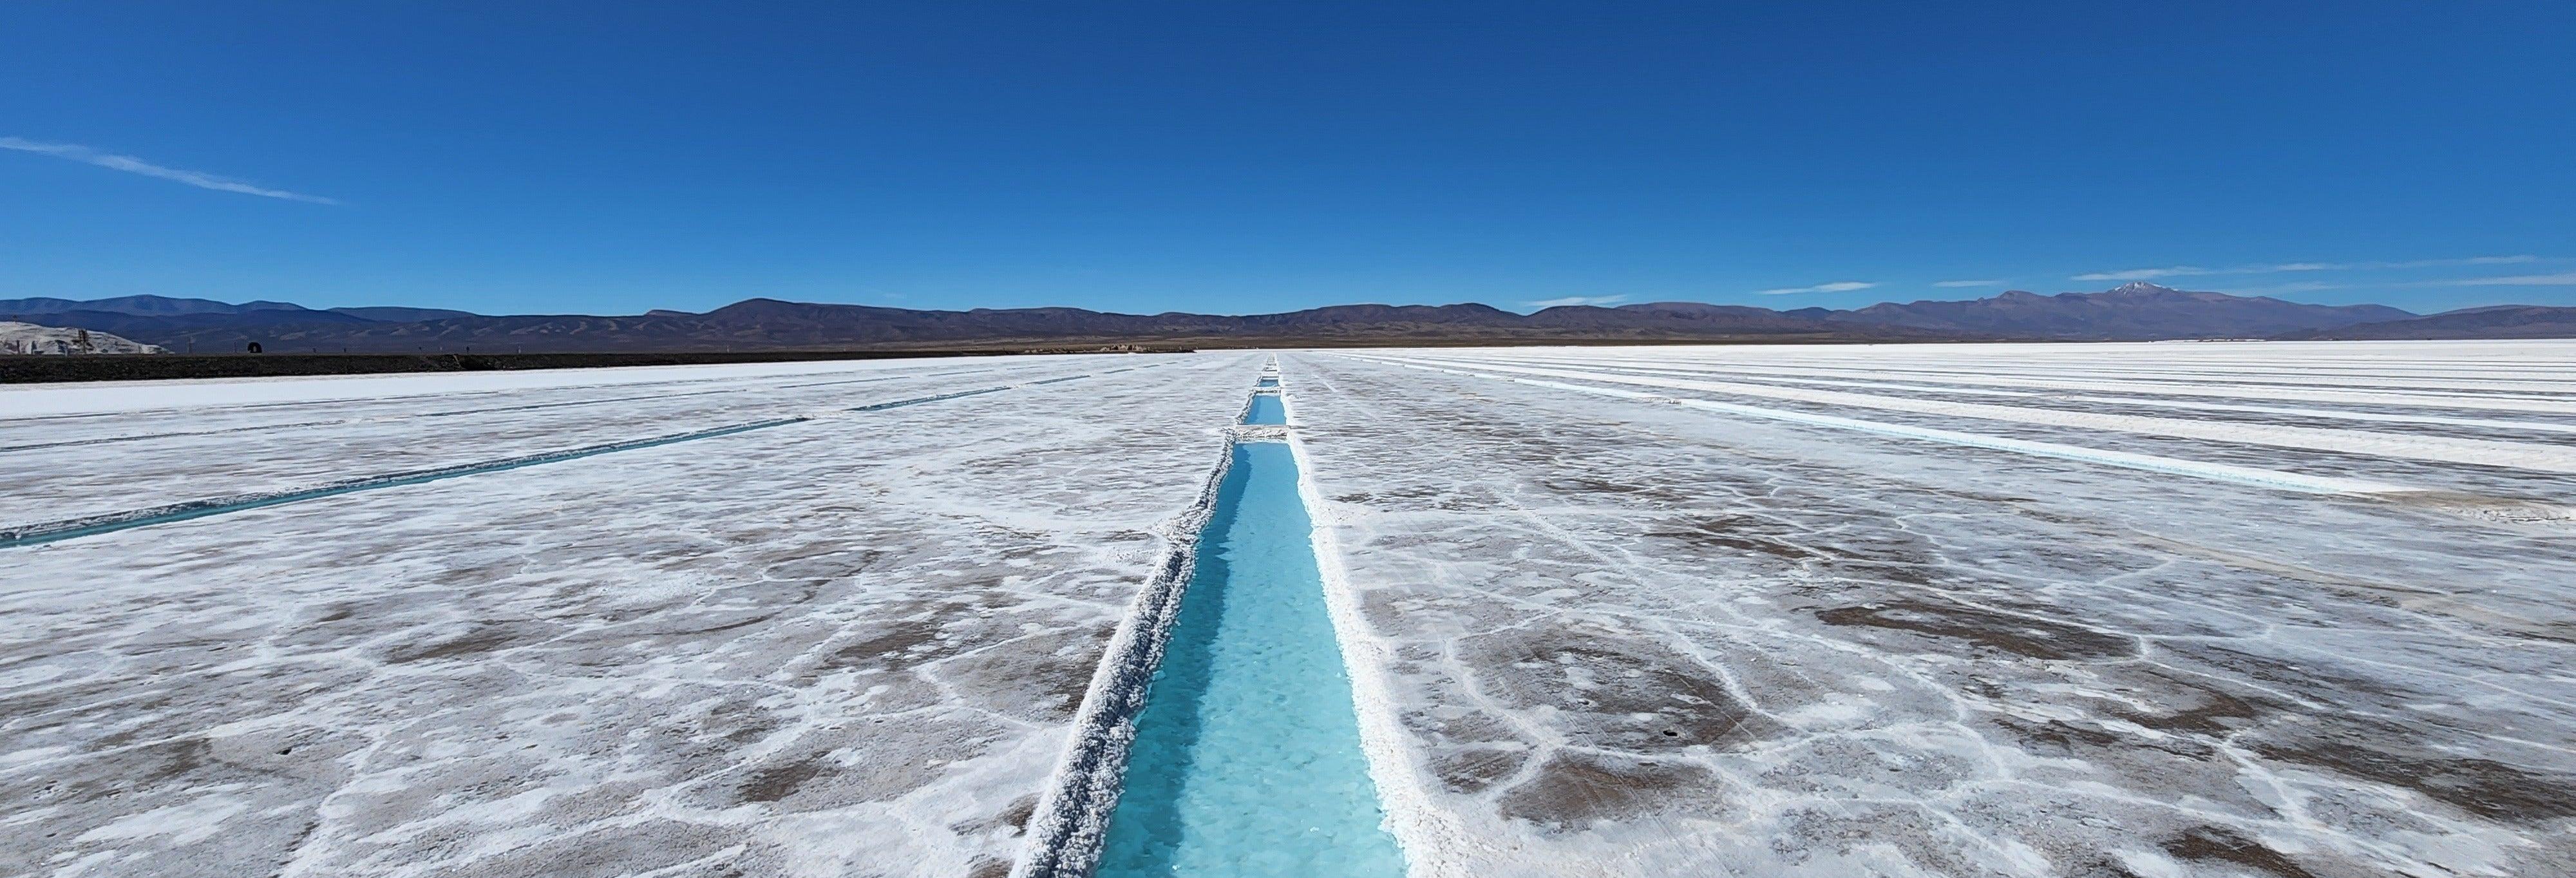 Excursión a las Salinas Grandes